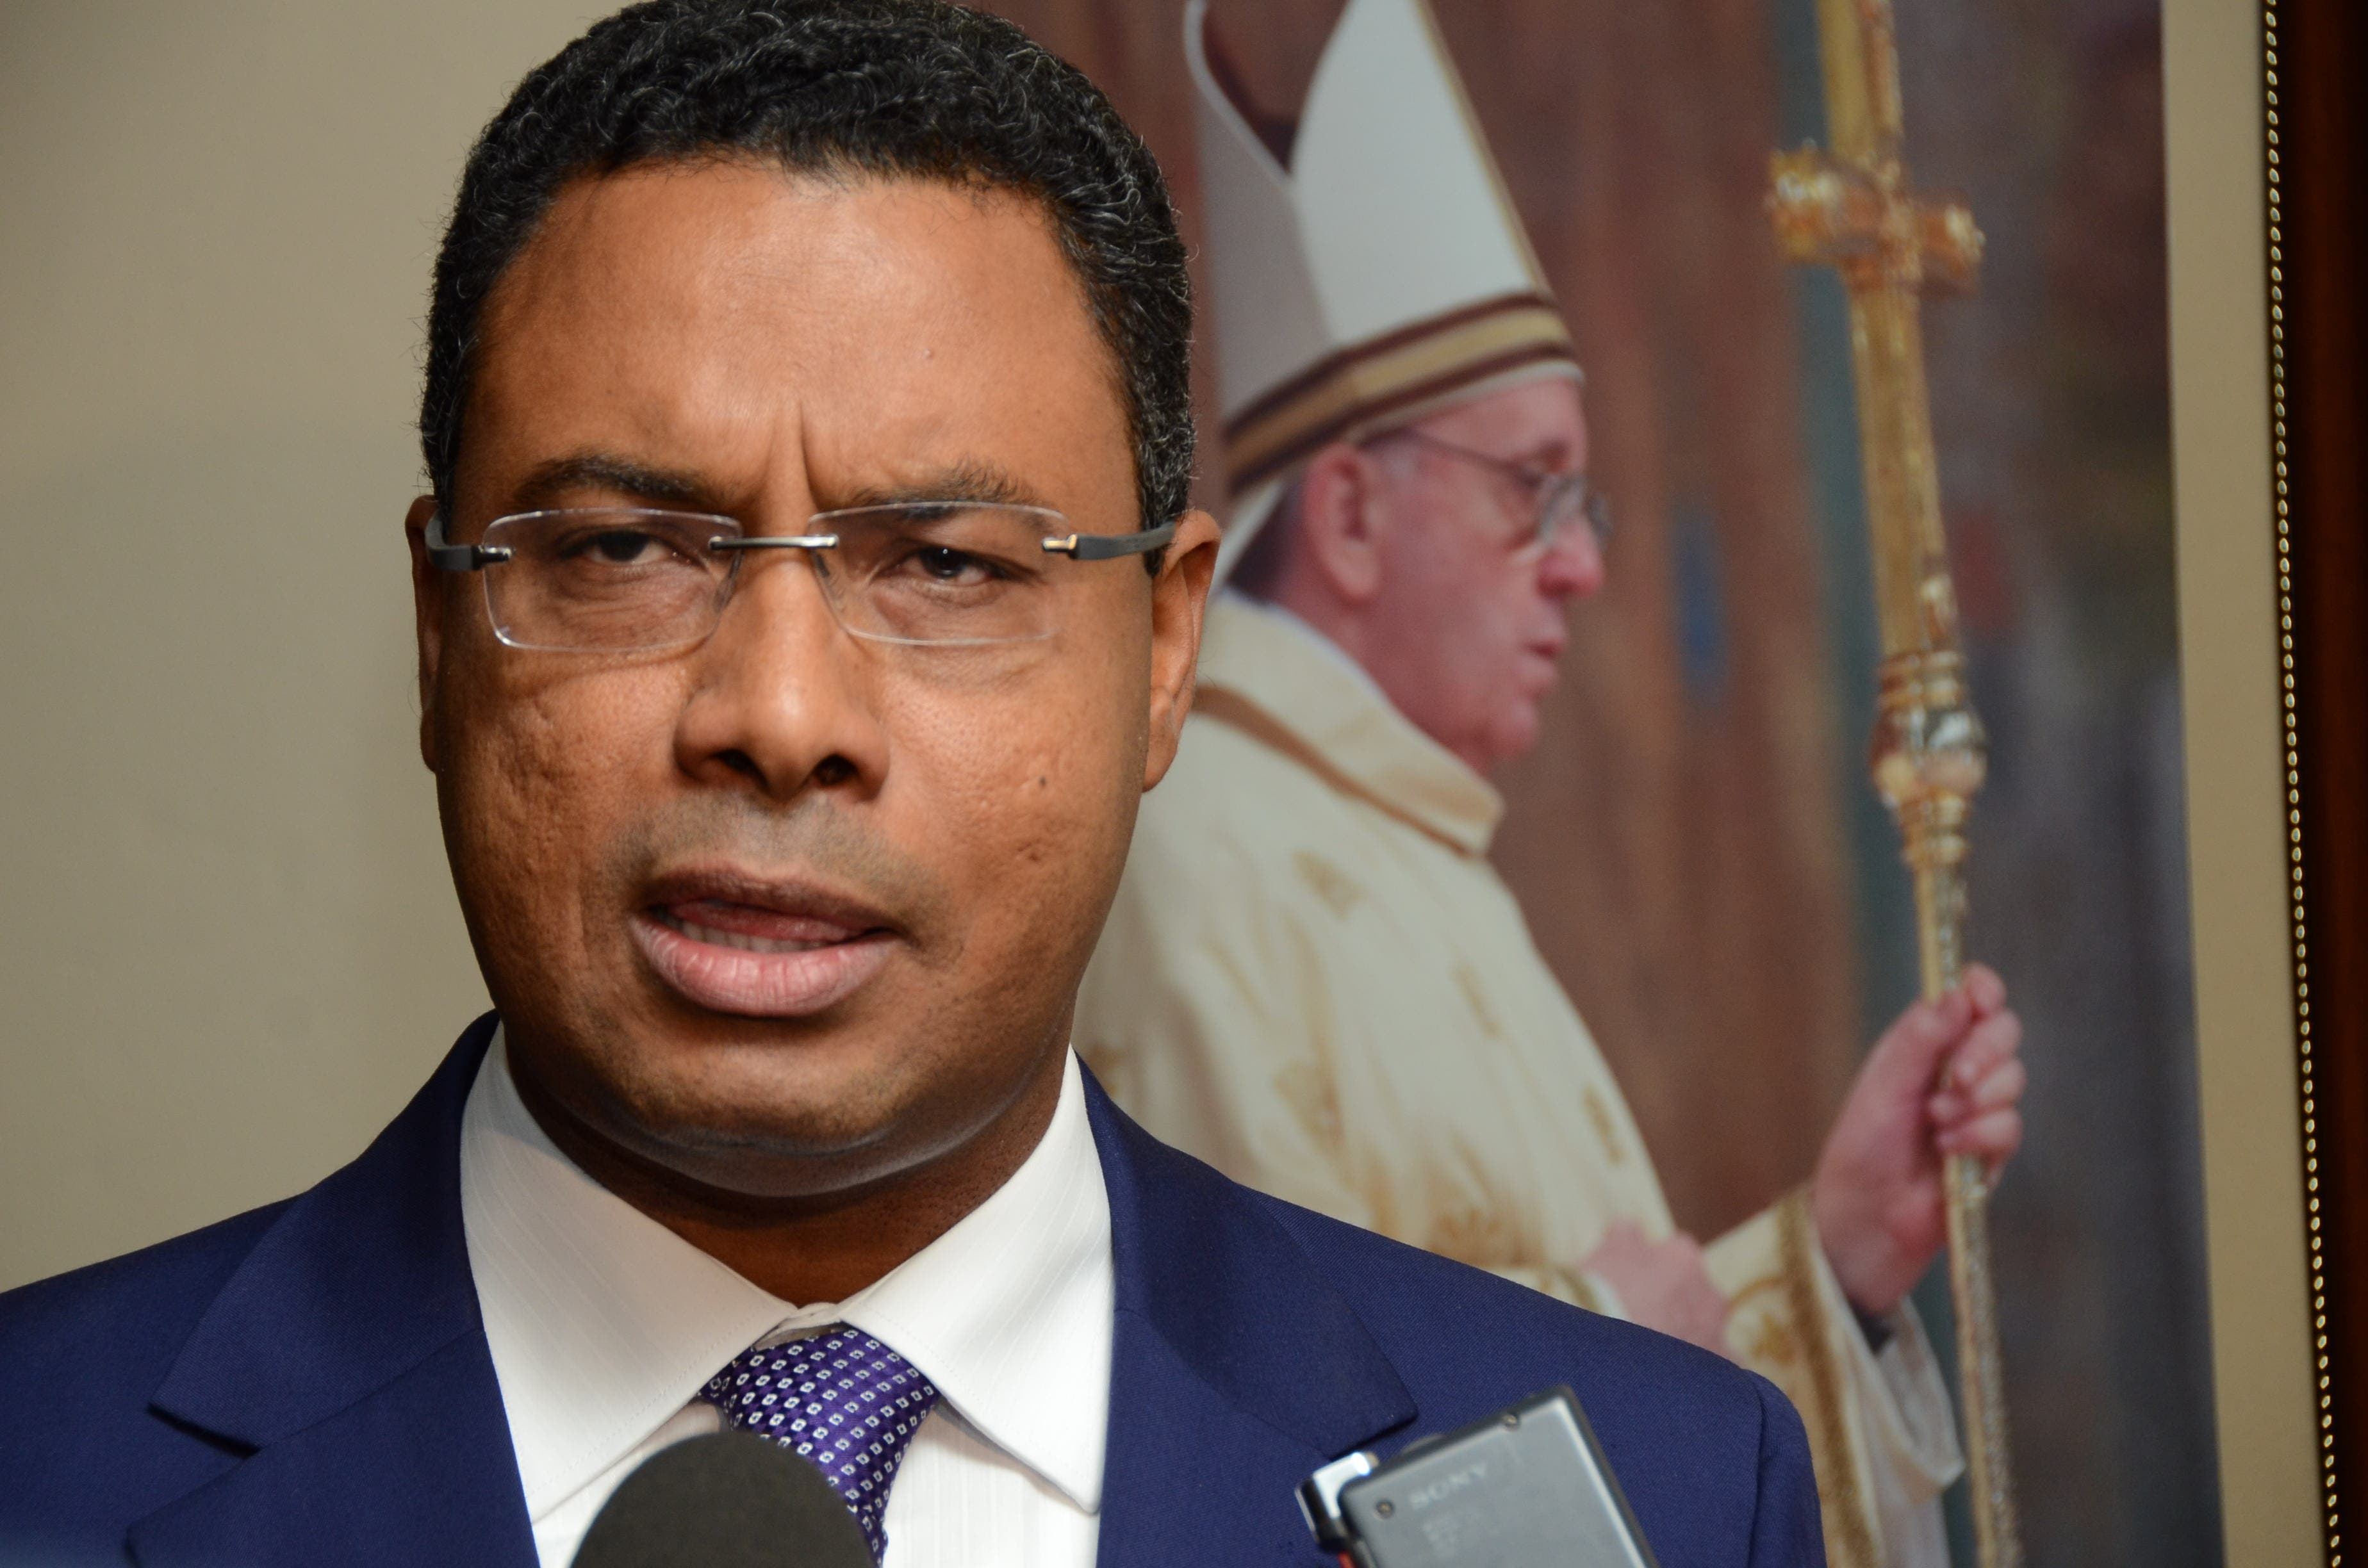 ¿Qué implica para República Dominicana que la CIDH fallara a favor de matrimonio gay? Jurista responde